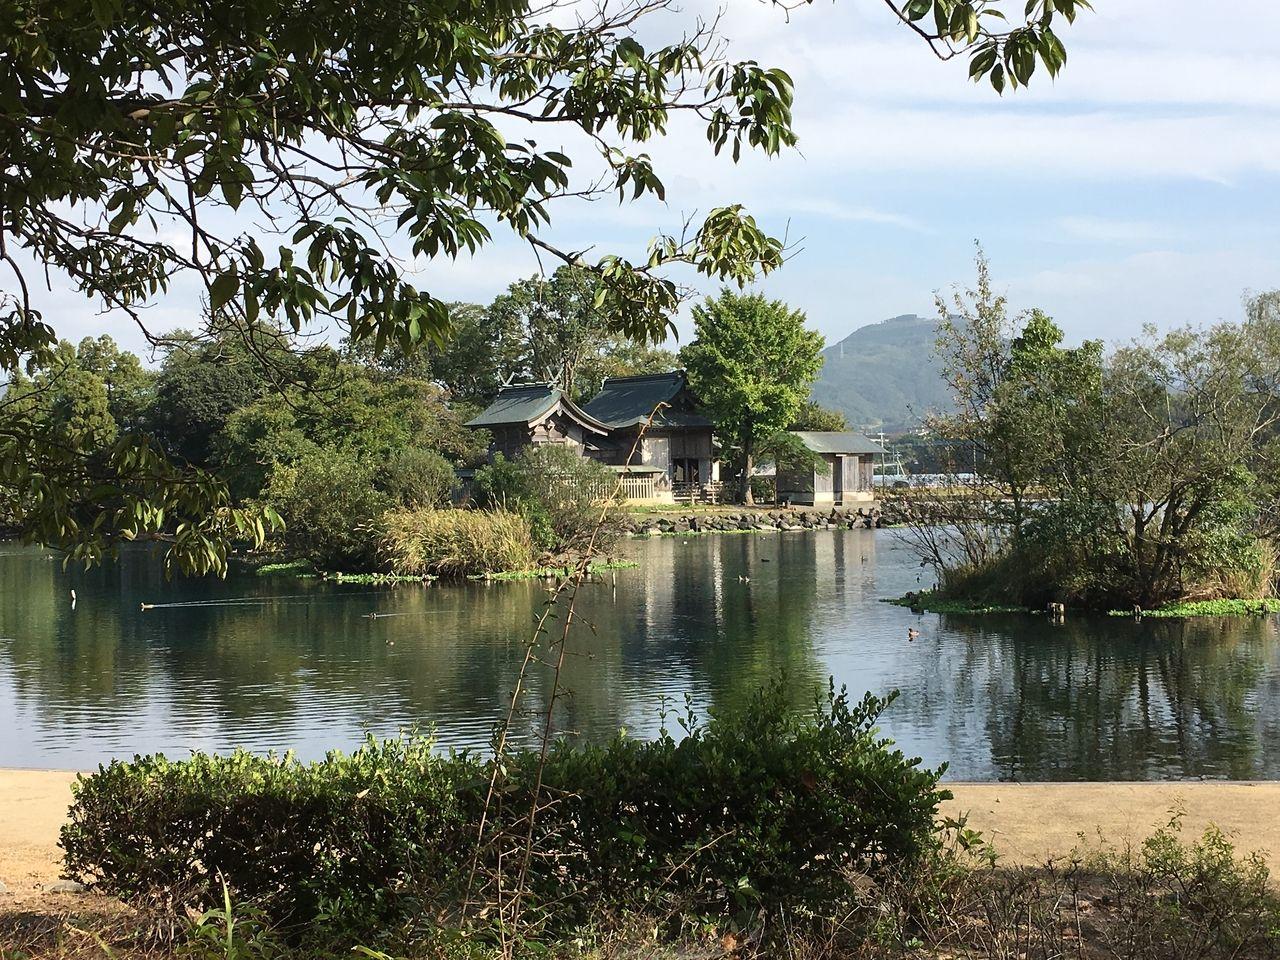 浮島周辺水辺公園より浮島神社や飯田山を望む、湧水には水鳥が遊ぶ